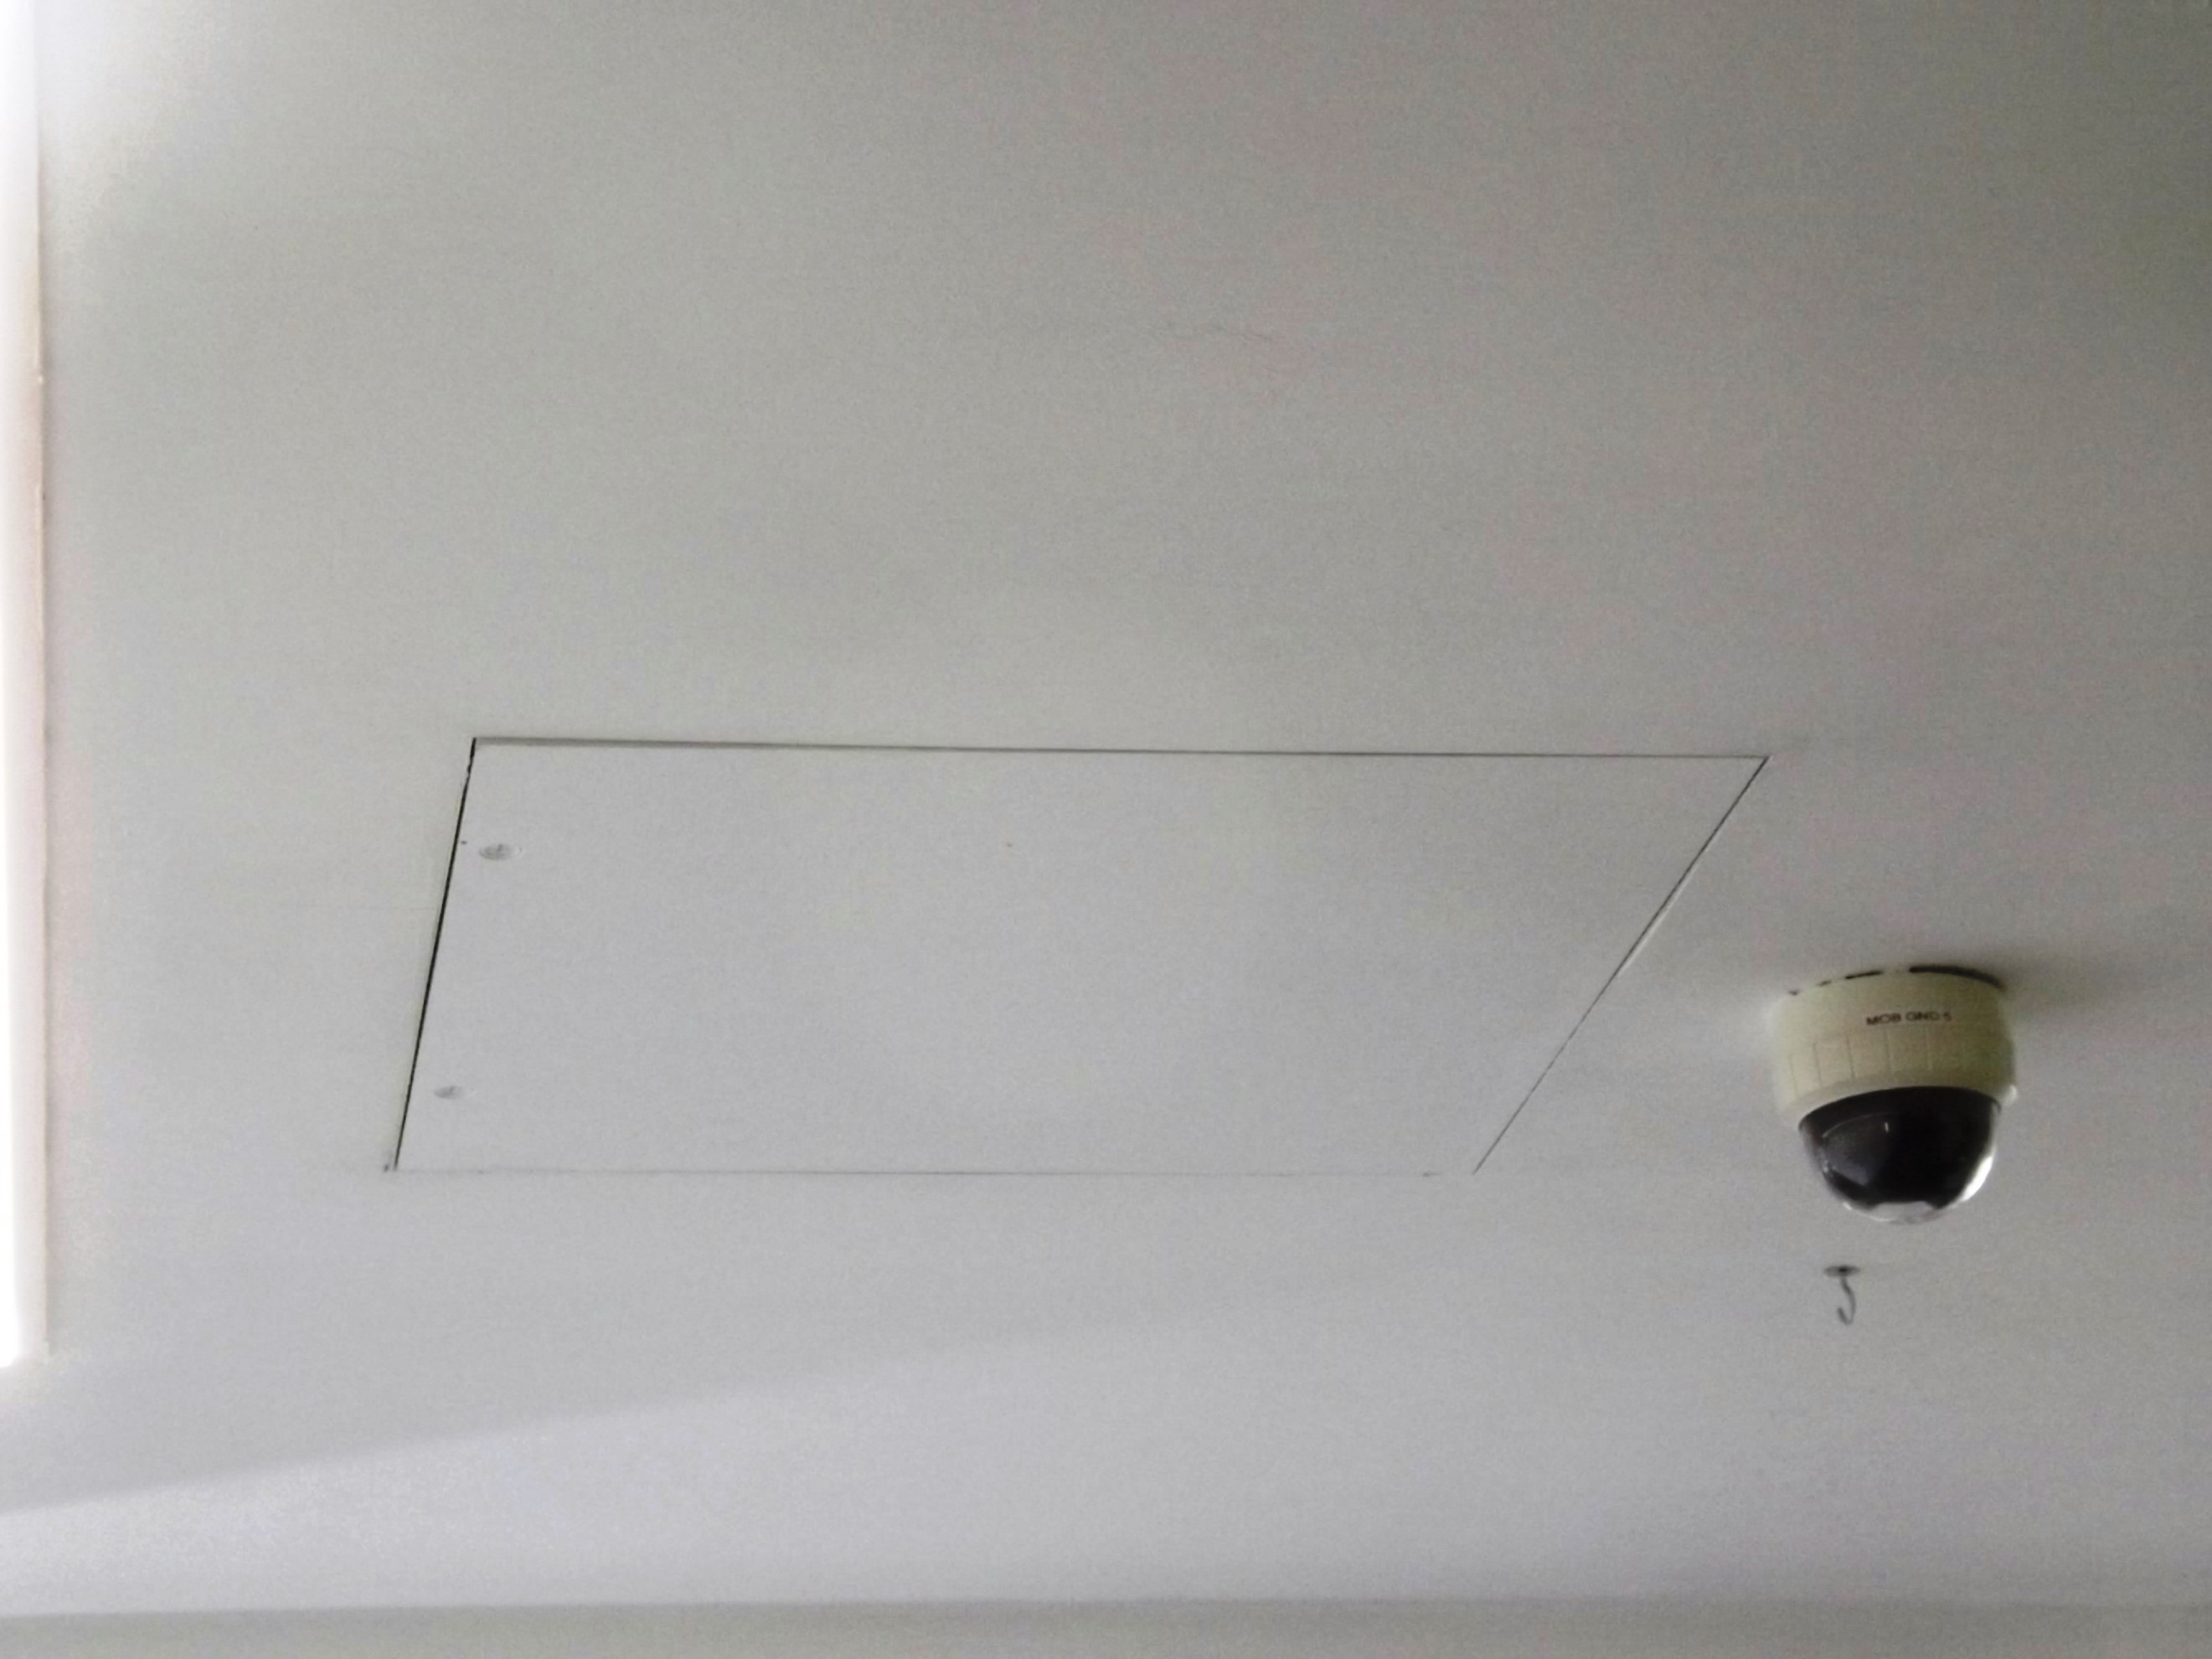 Ifuba fire ceiling hatch.